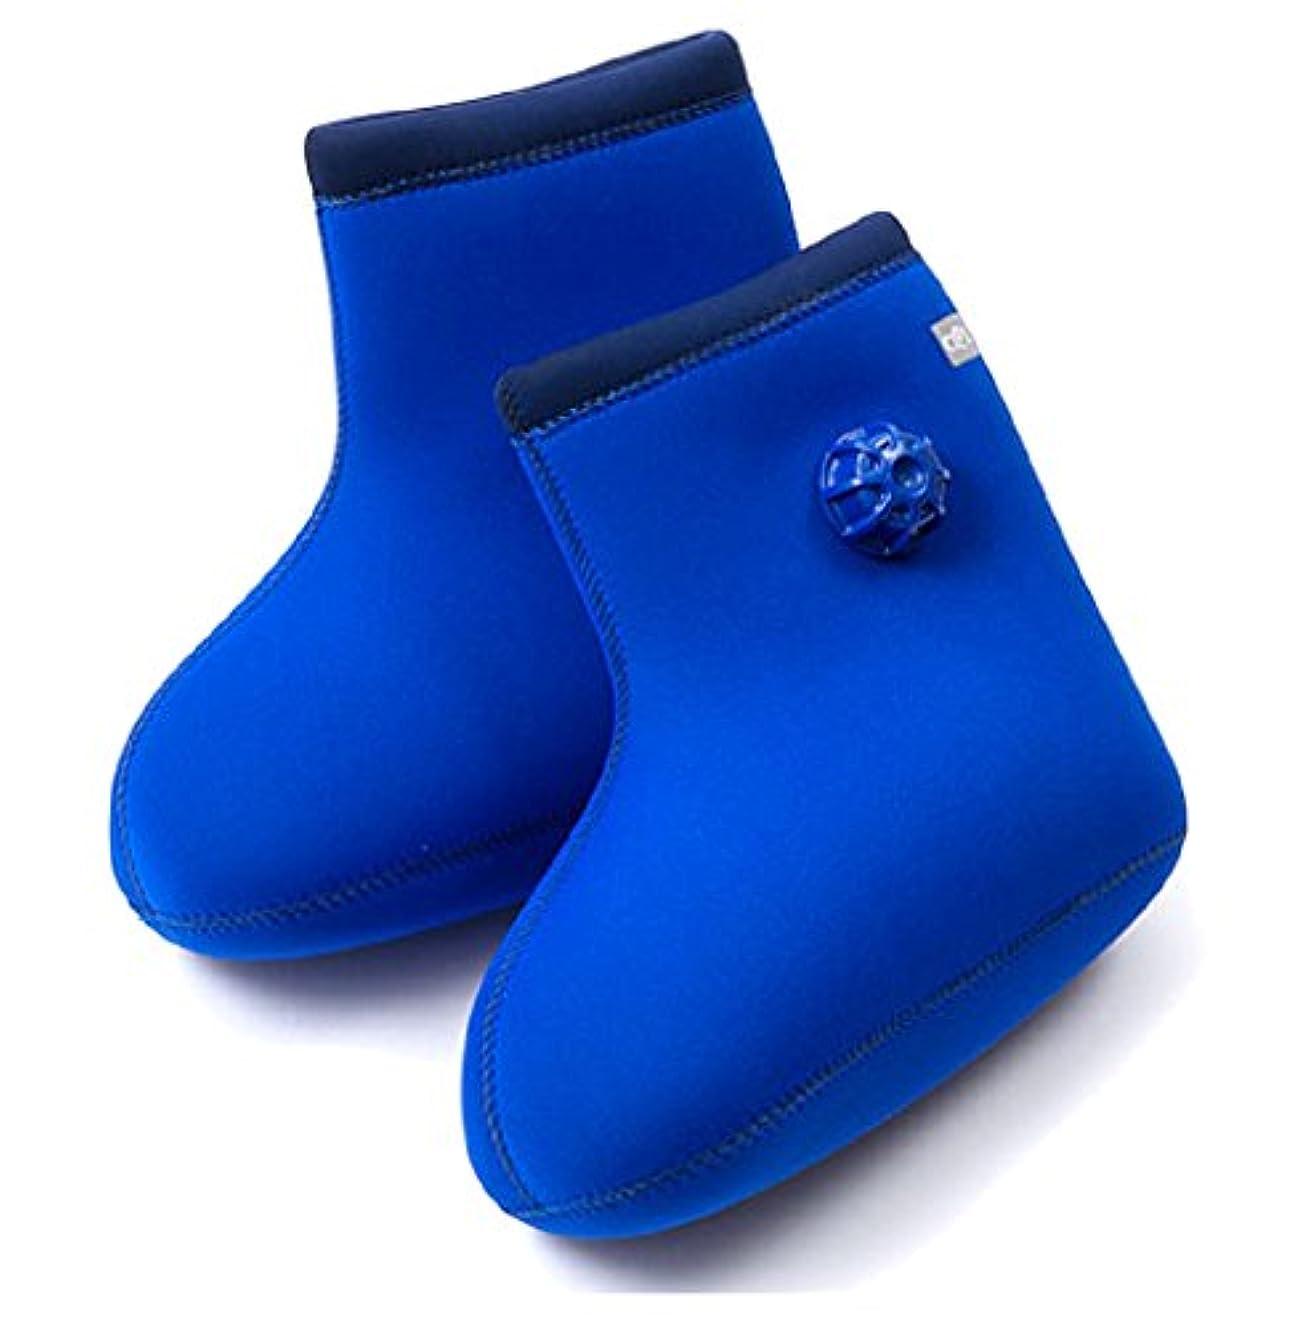 ルーチン強います胃やわらか湯たんぽ 足用底なし ブルー M